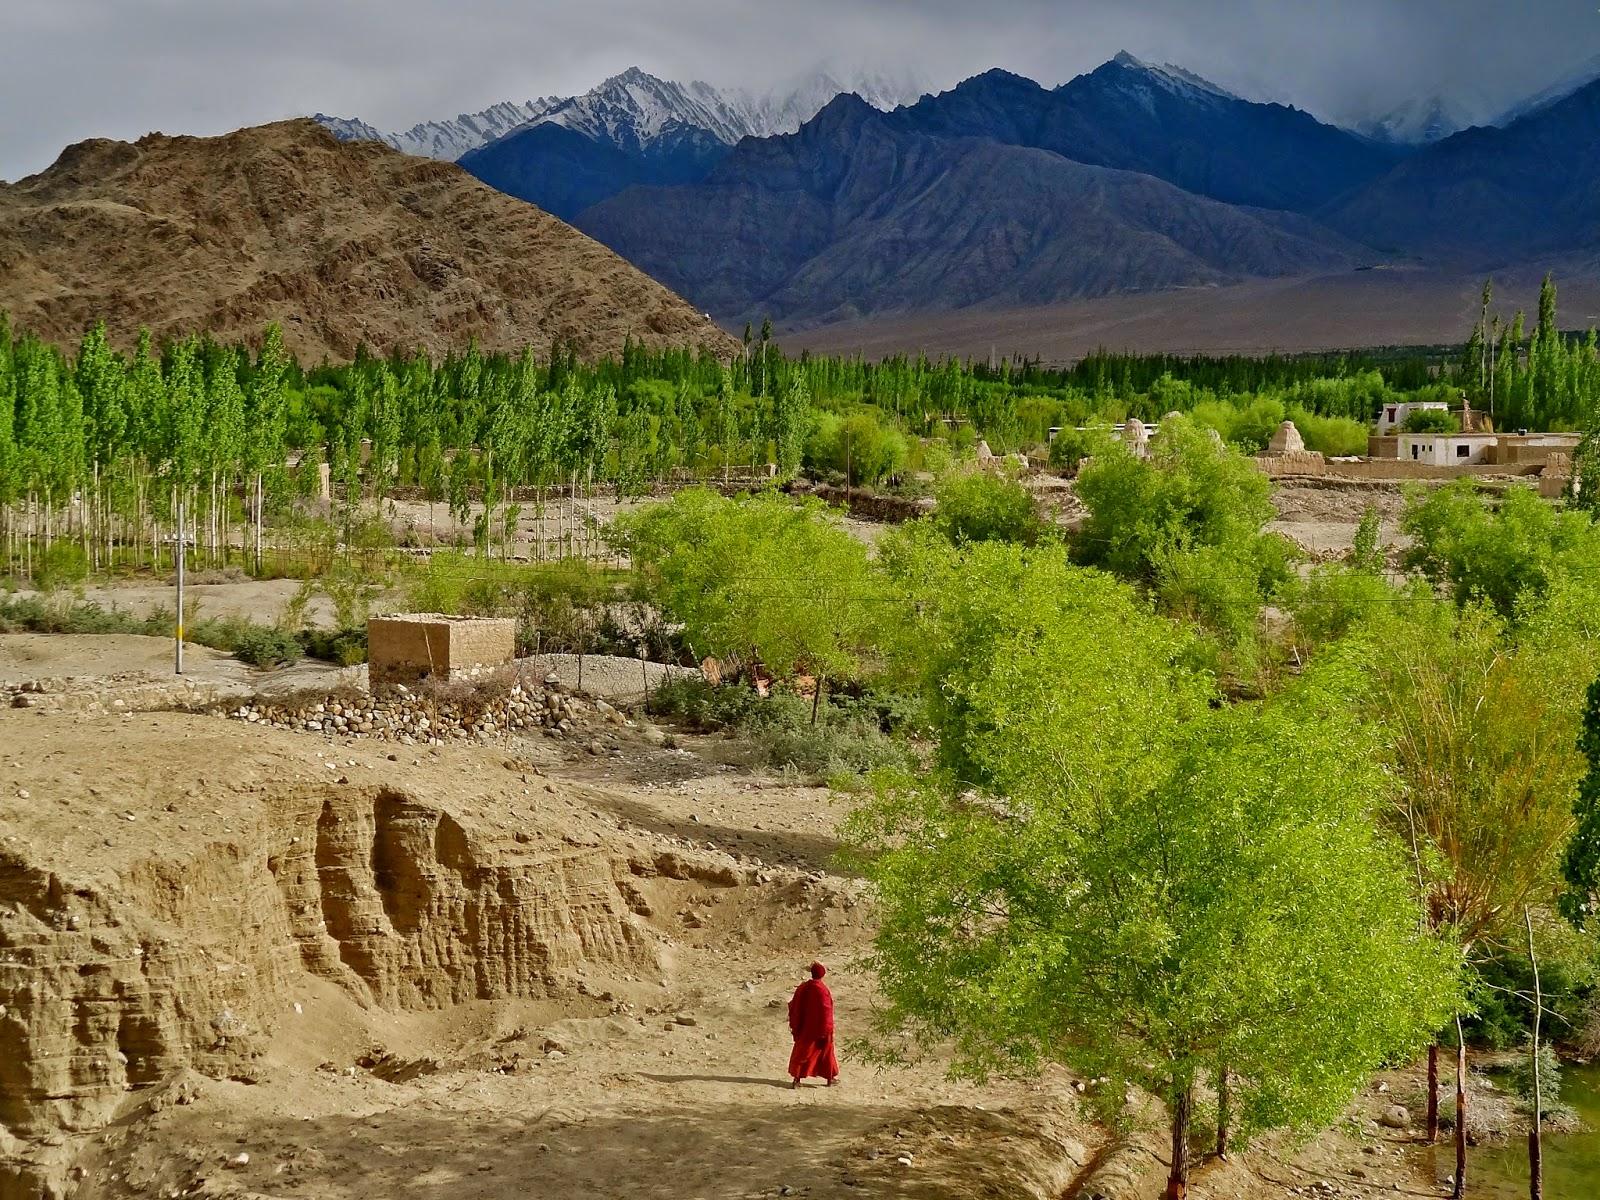 Ladakh nunnery, Leh Ladakh travel guide